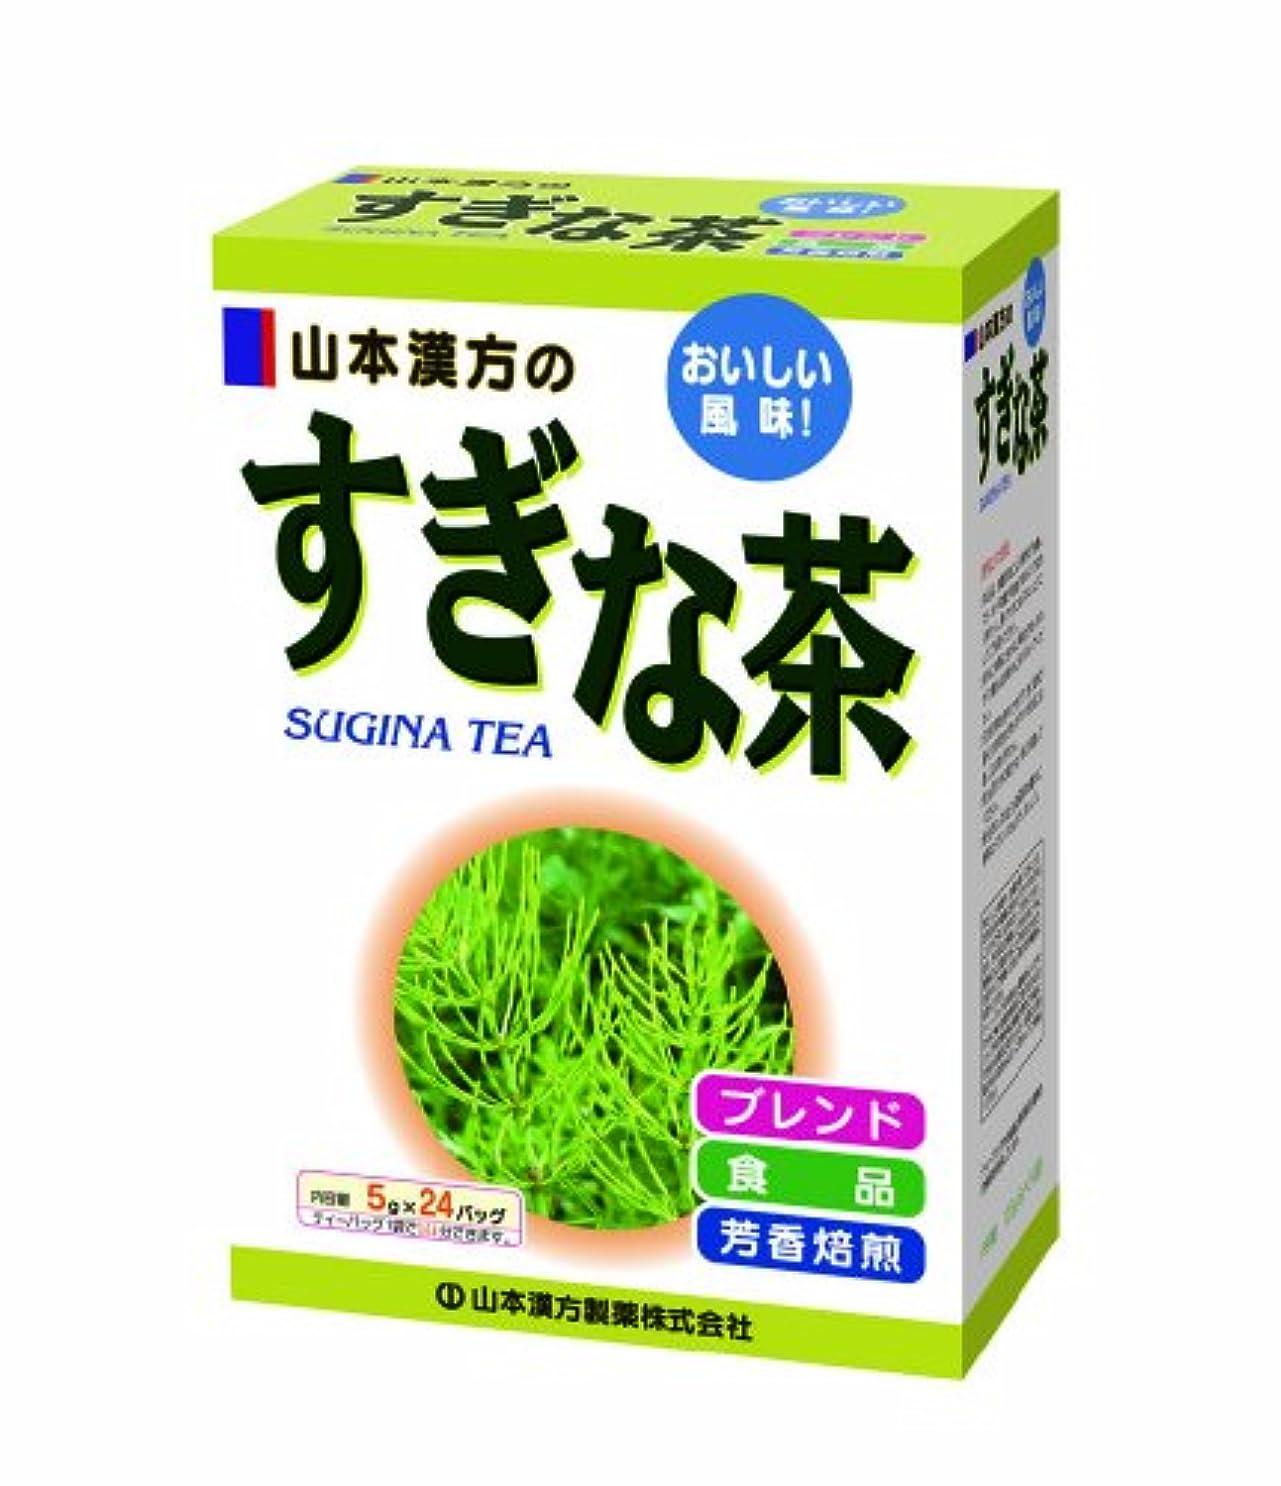 プロフェッショナルはっきりと騒々しい山本漢方製薬 すぎな茶 5gX24H